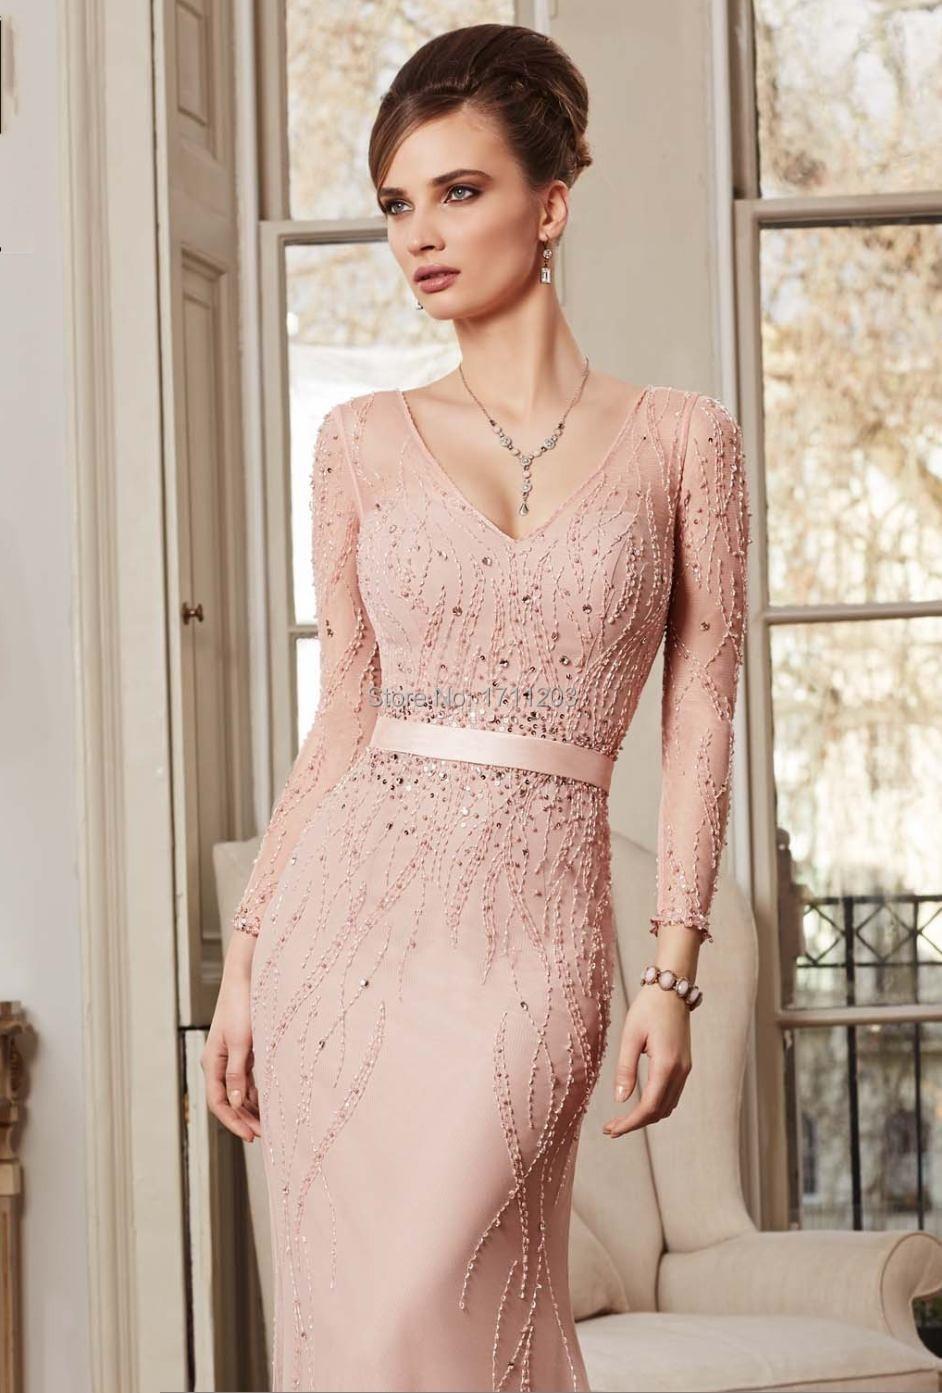 Vestido largo de noche rosa palo – Vestidos de noche elegantes para ti